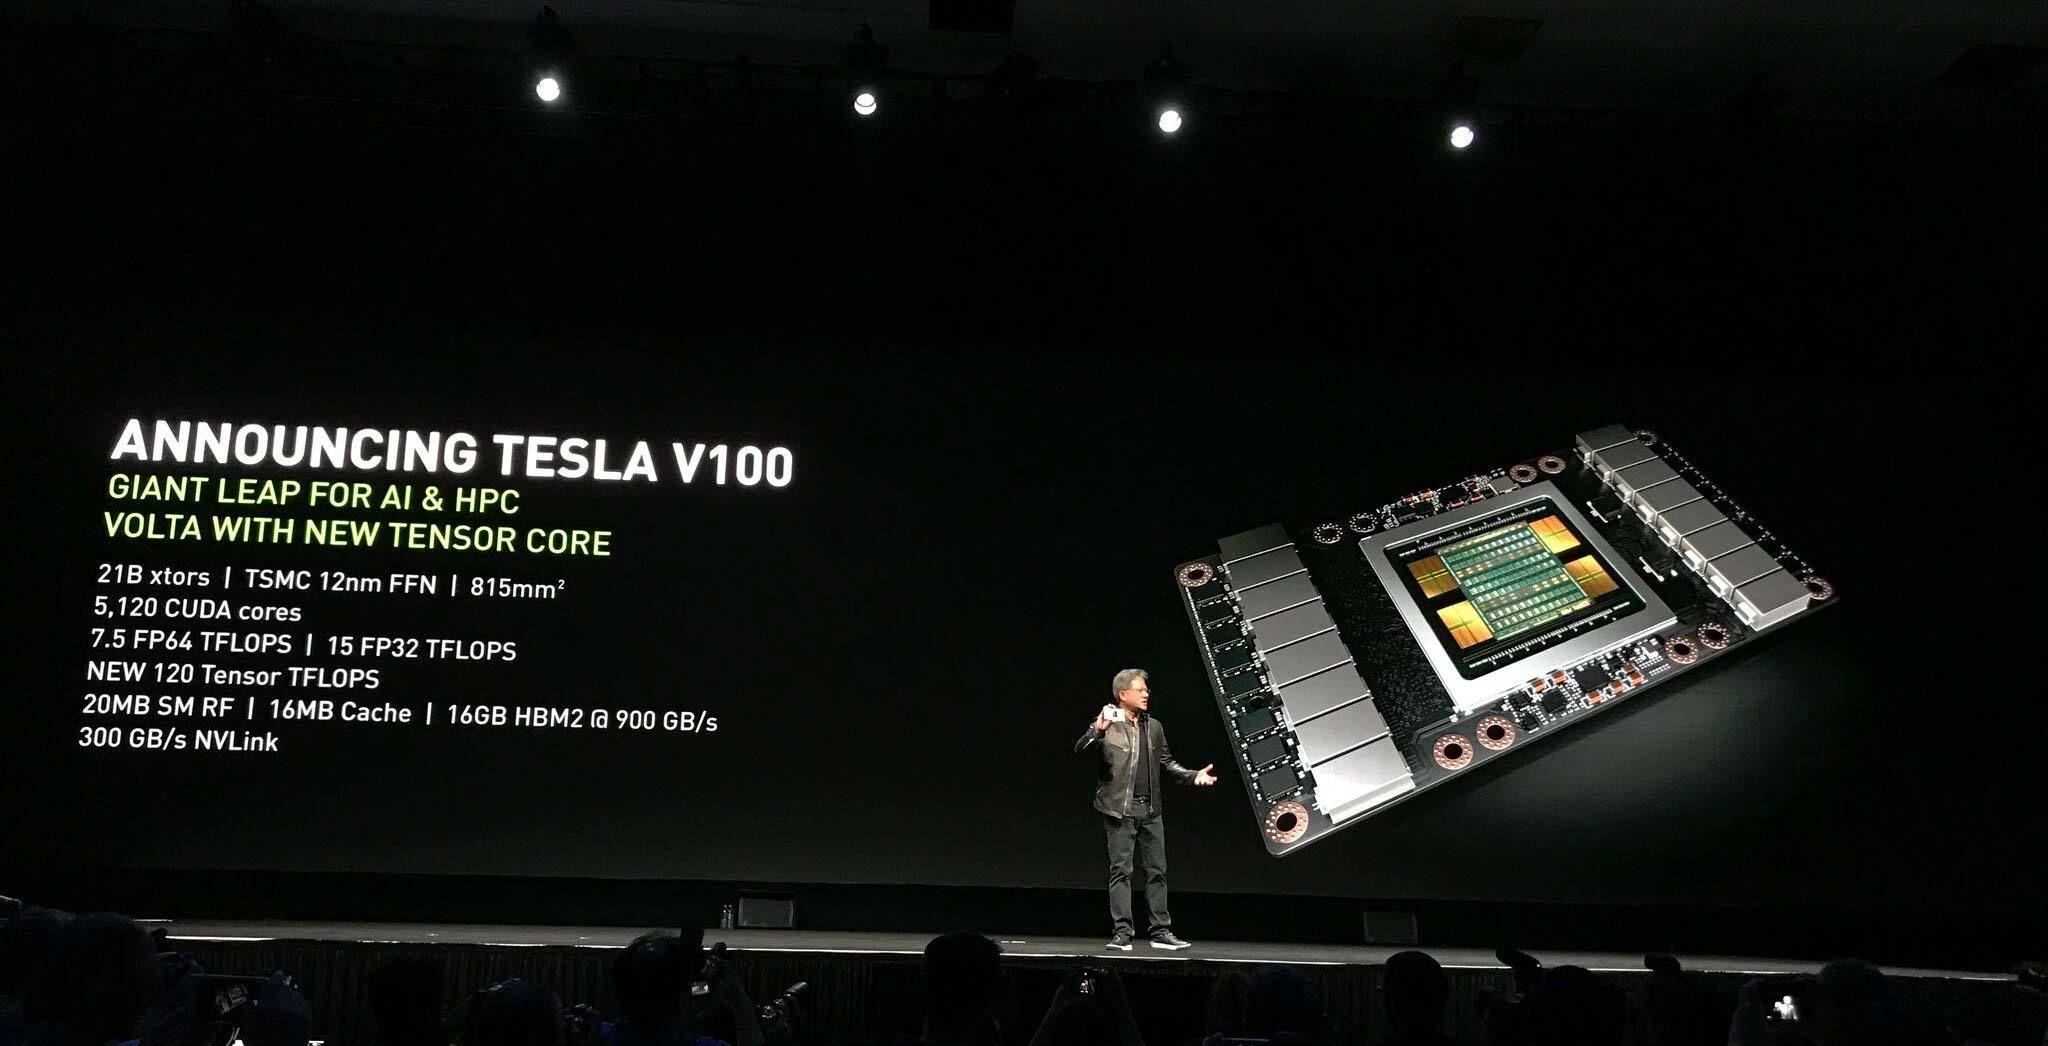 nvidia-volta-gtc-2017-anuncio-1.jpg